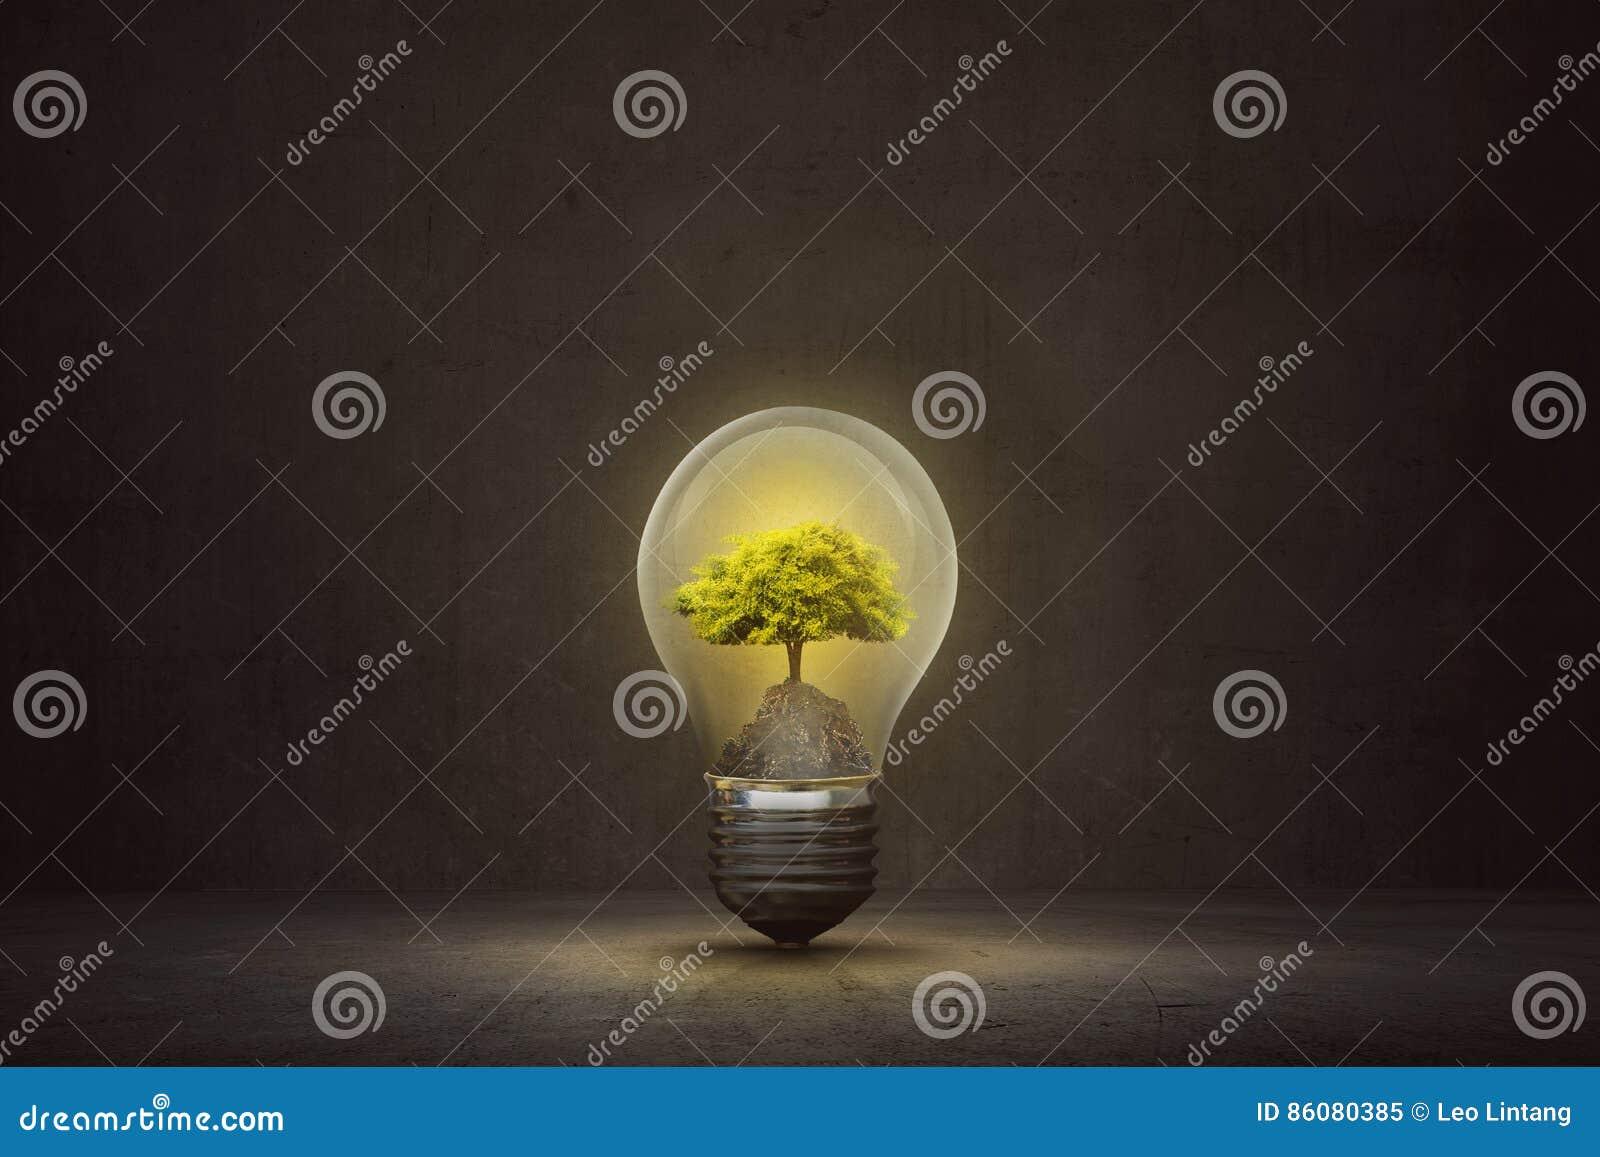 Dark room with light bulb - Small Tree Inside Light Bulb On The Dark Room